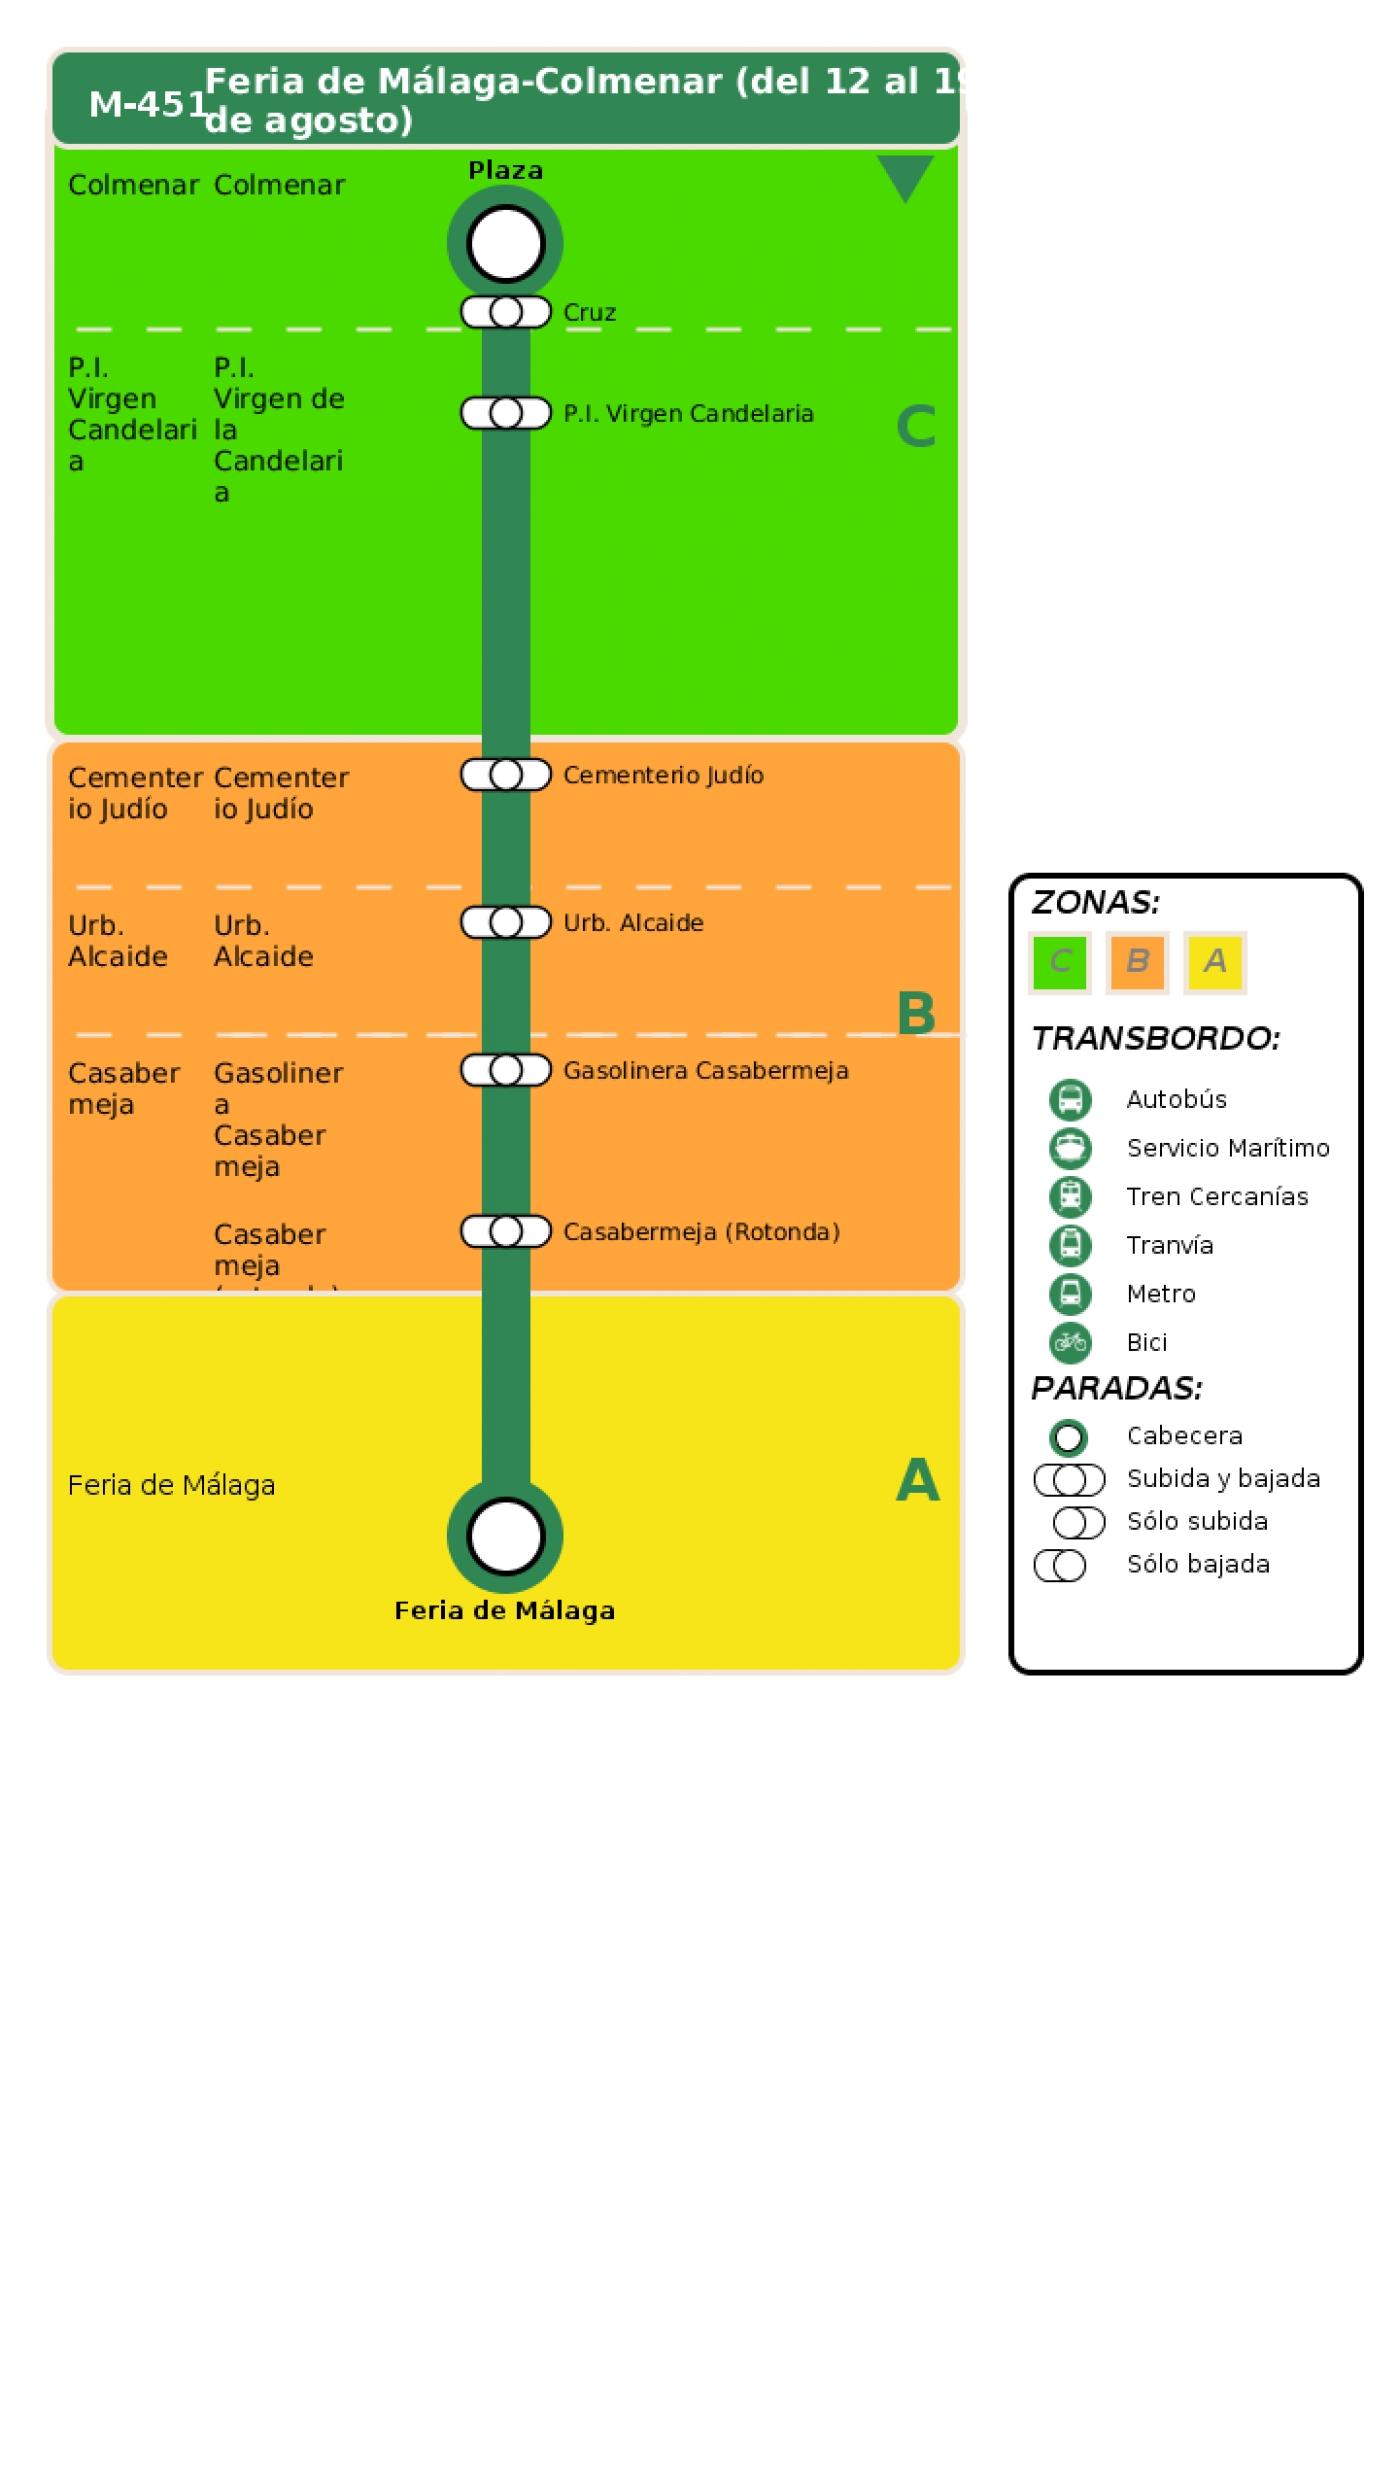 Recorrido esquemático, paradas y correspondencias en sentido vuelta Línea M-451: Feria de Málaga - Colmenar